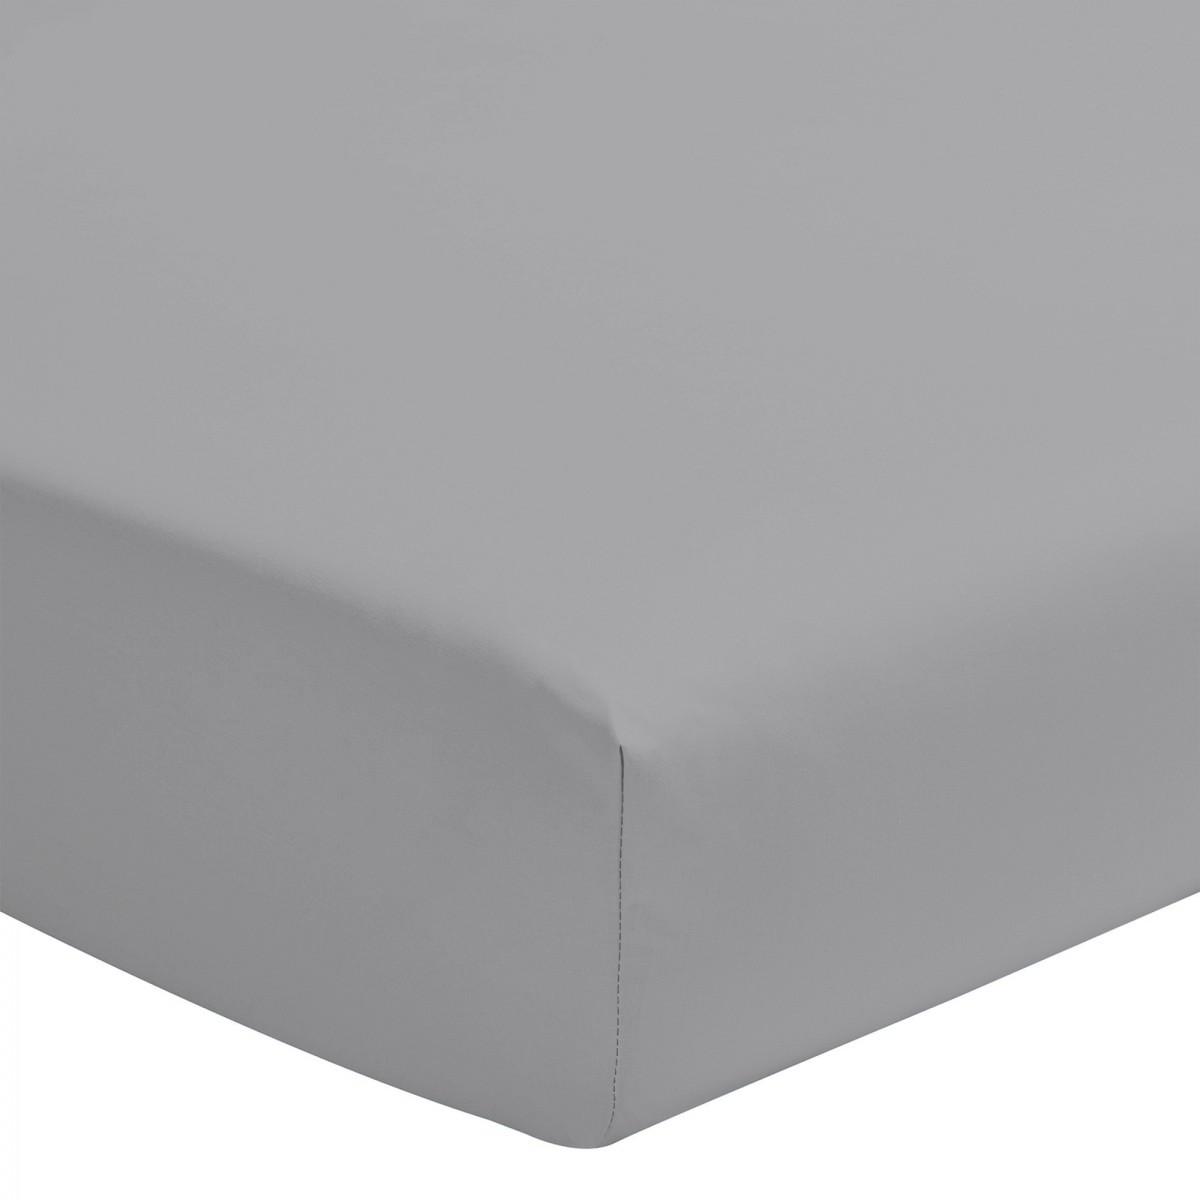 Drap Housse Uni 100% Coton Bonnet 25cm Gris Clair 140x190cm